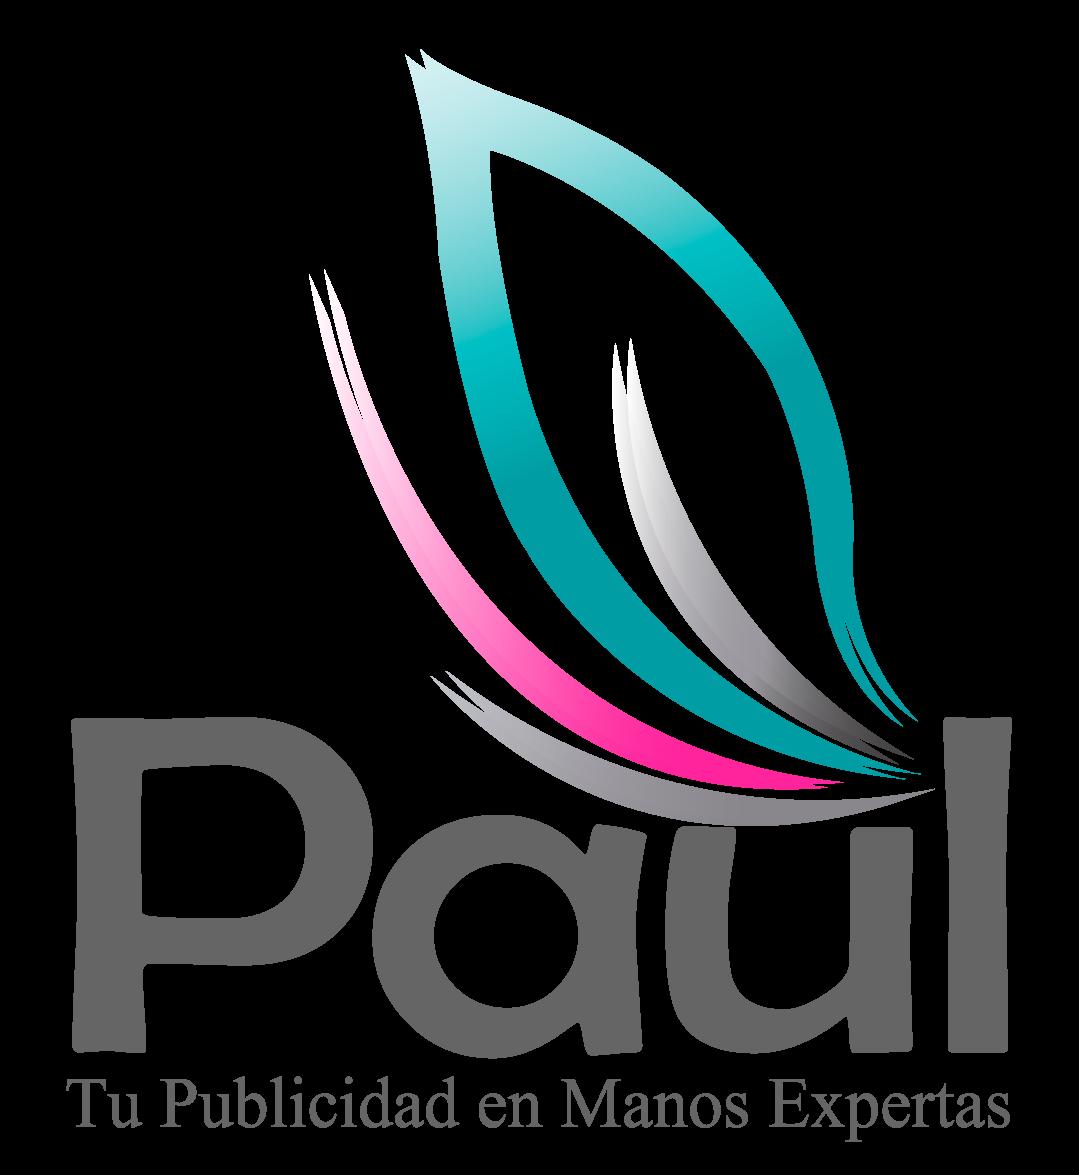 Paul Publicitaria